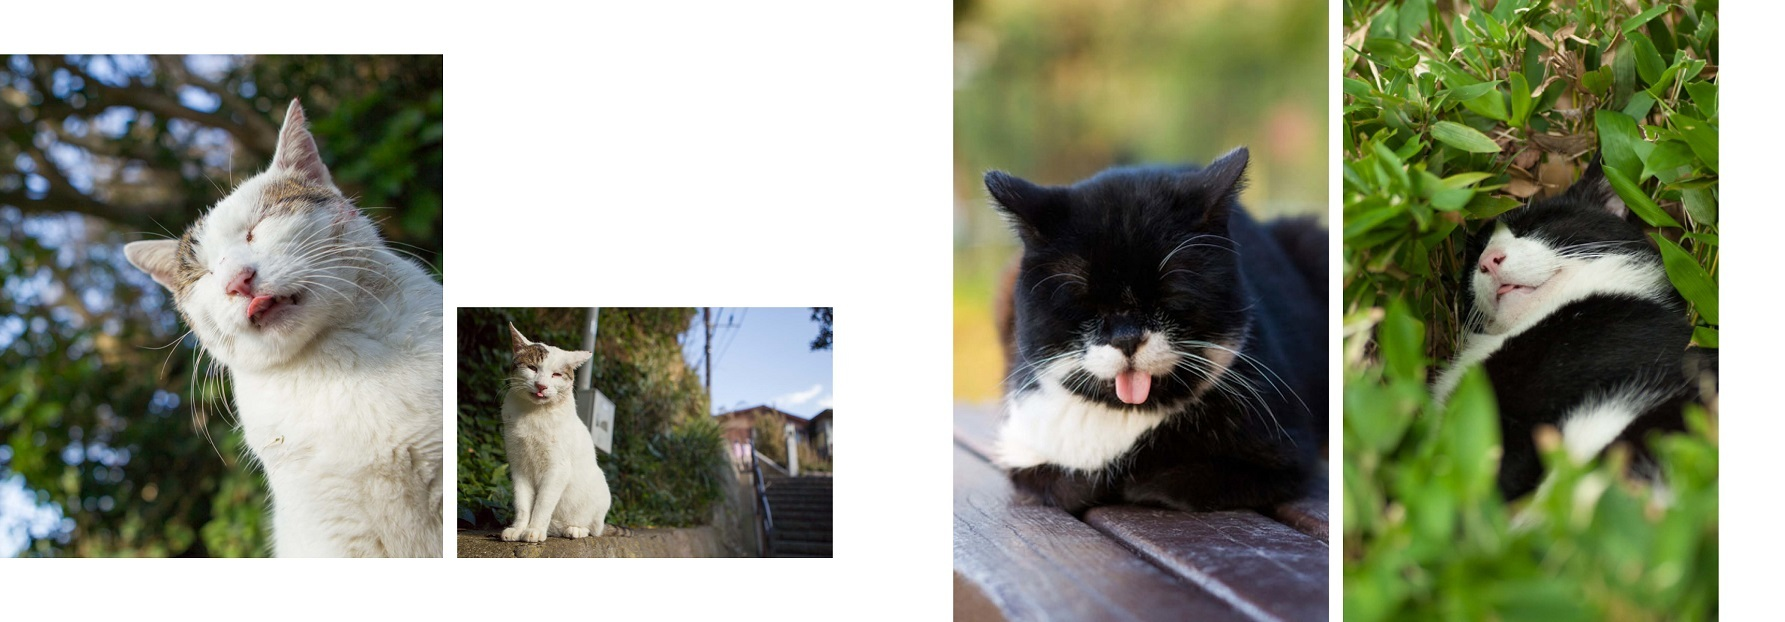 写真集『しまい忘れた猫』